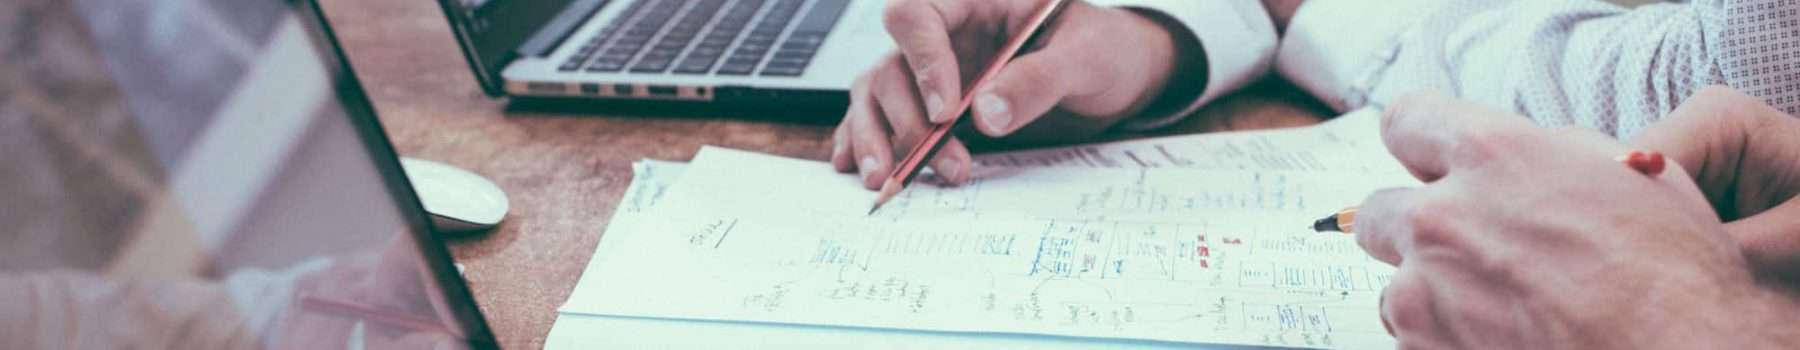 funciones-auditor-de-cuentas-1800x350 Funciones del auditor de Cuentas